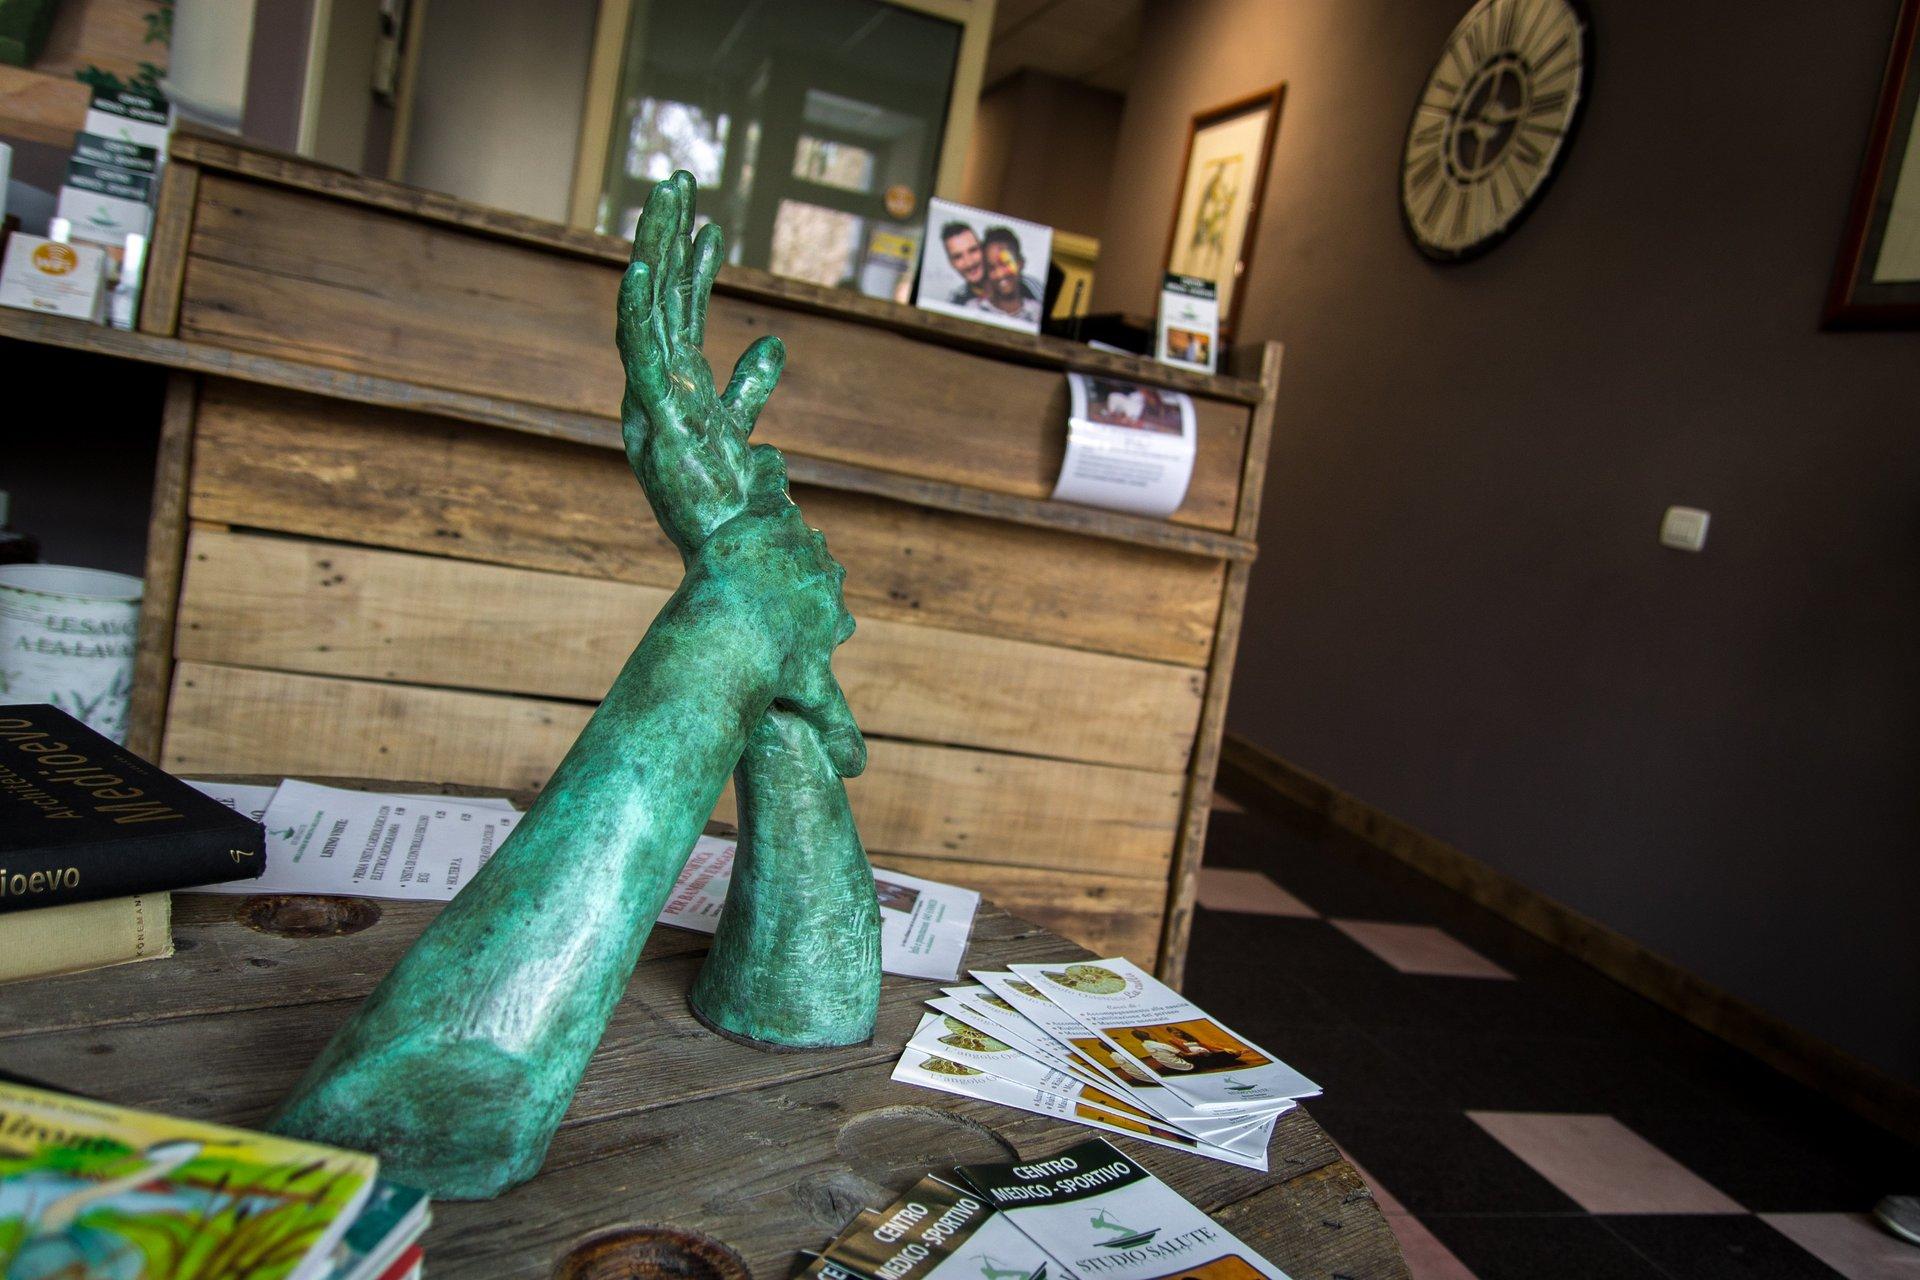 scultura di due mani sopra un tavolo nella sala d'attesa